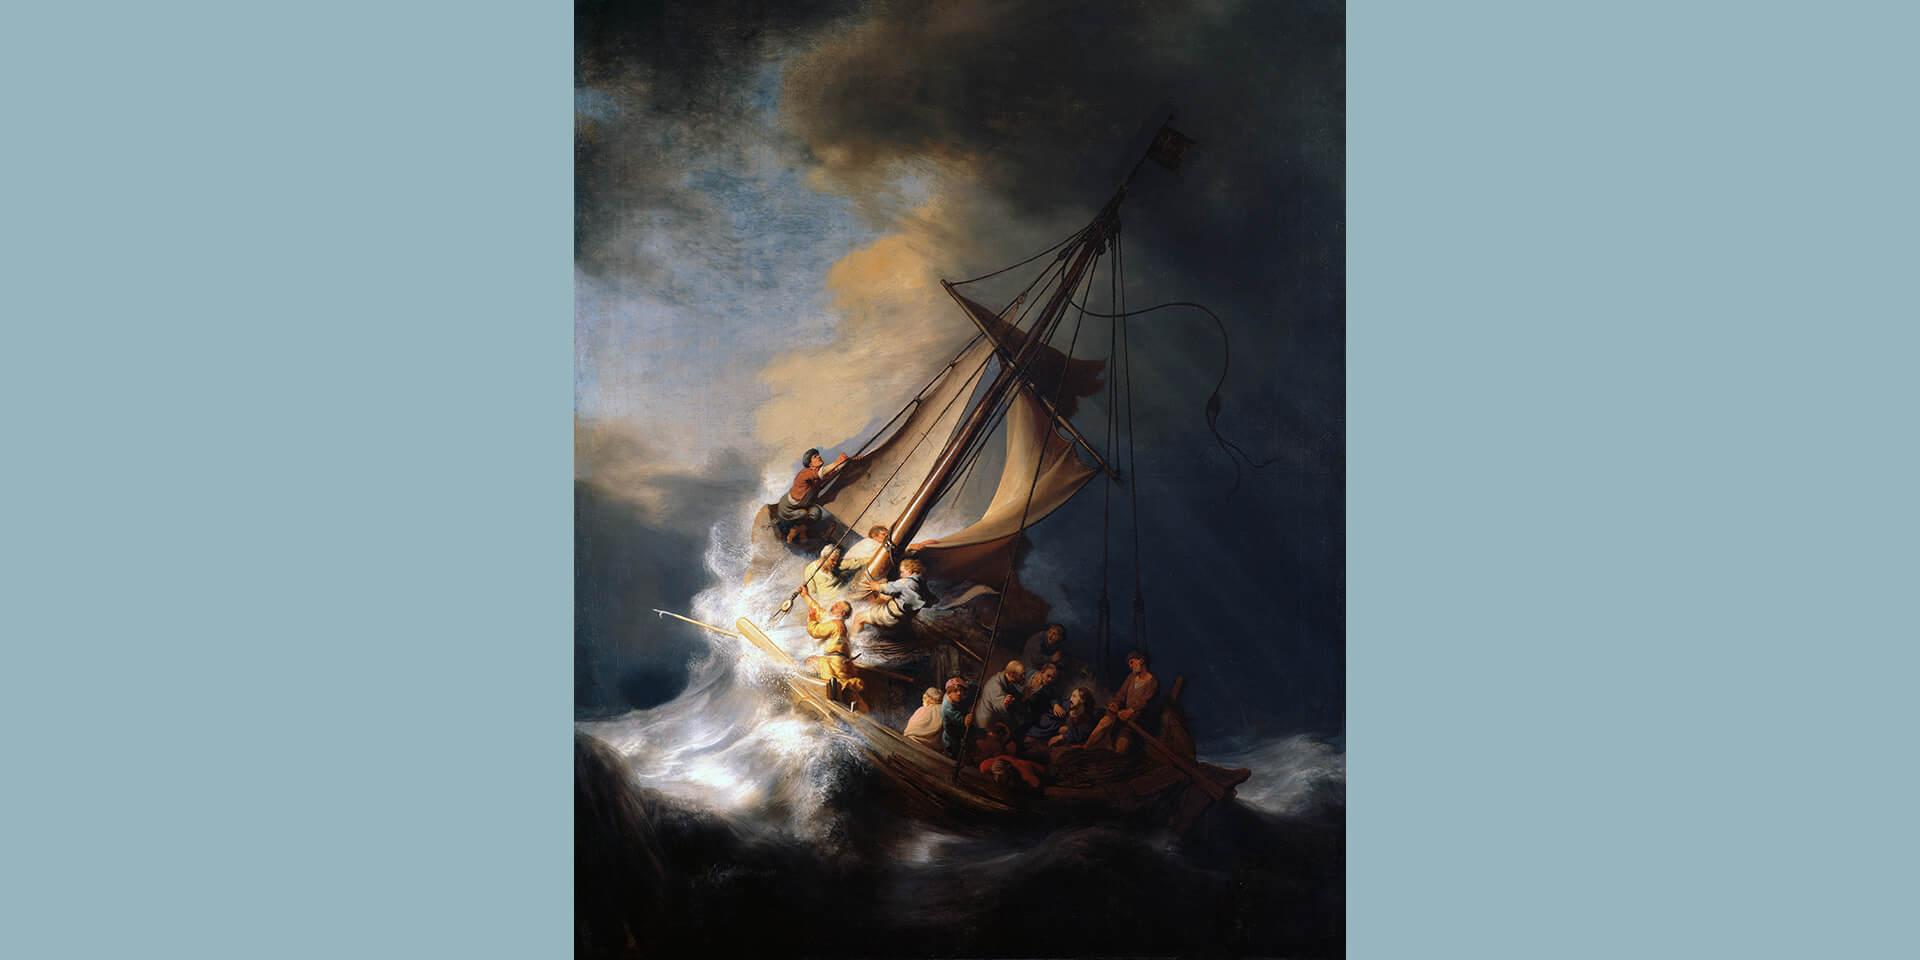 Rembrandt Die Sturm auf dem See Genezareth